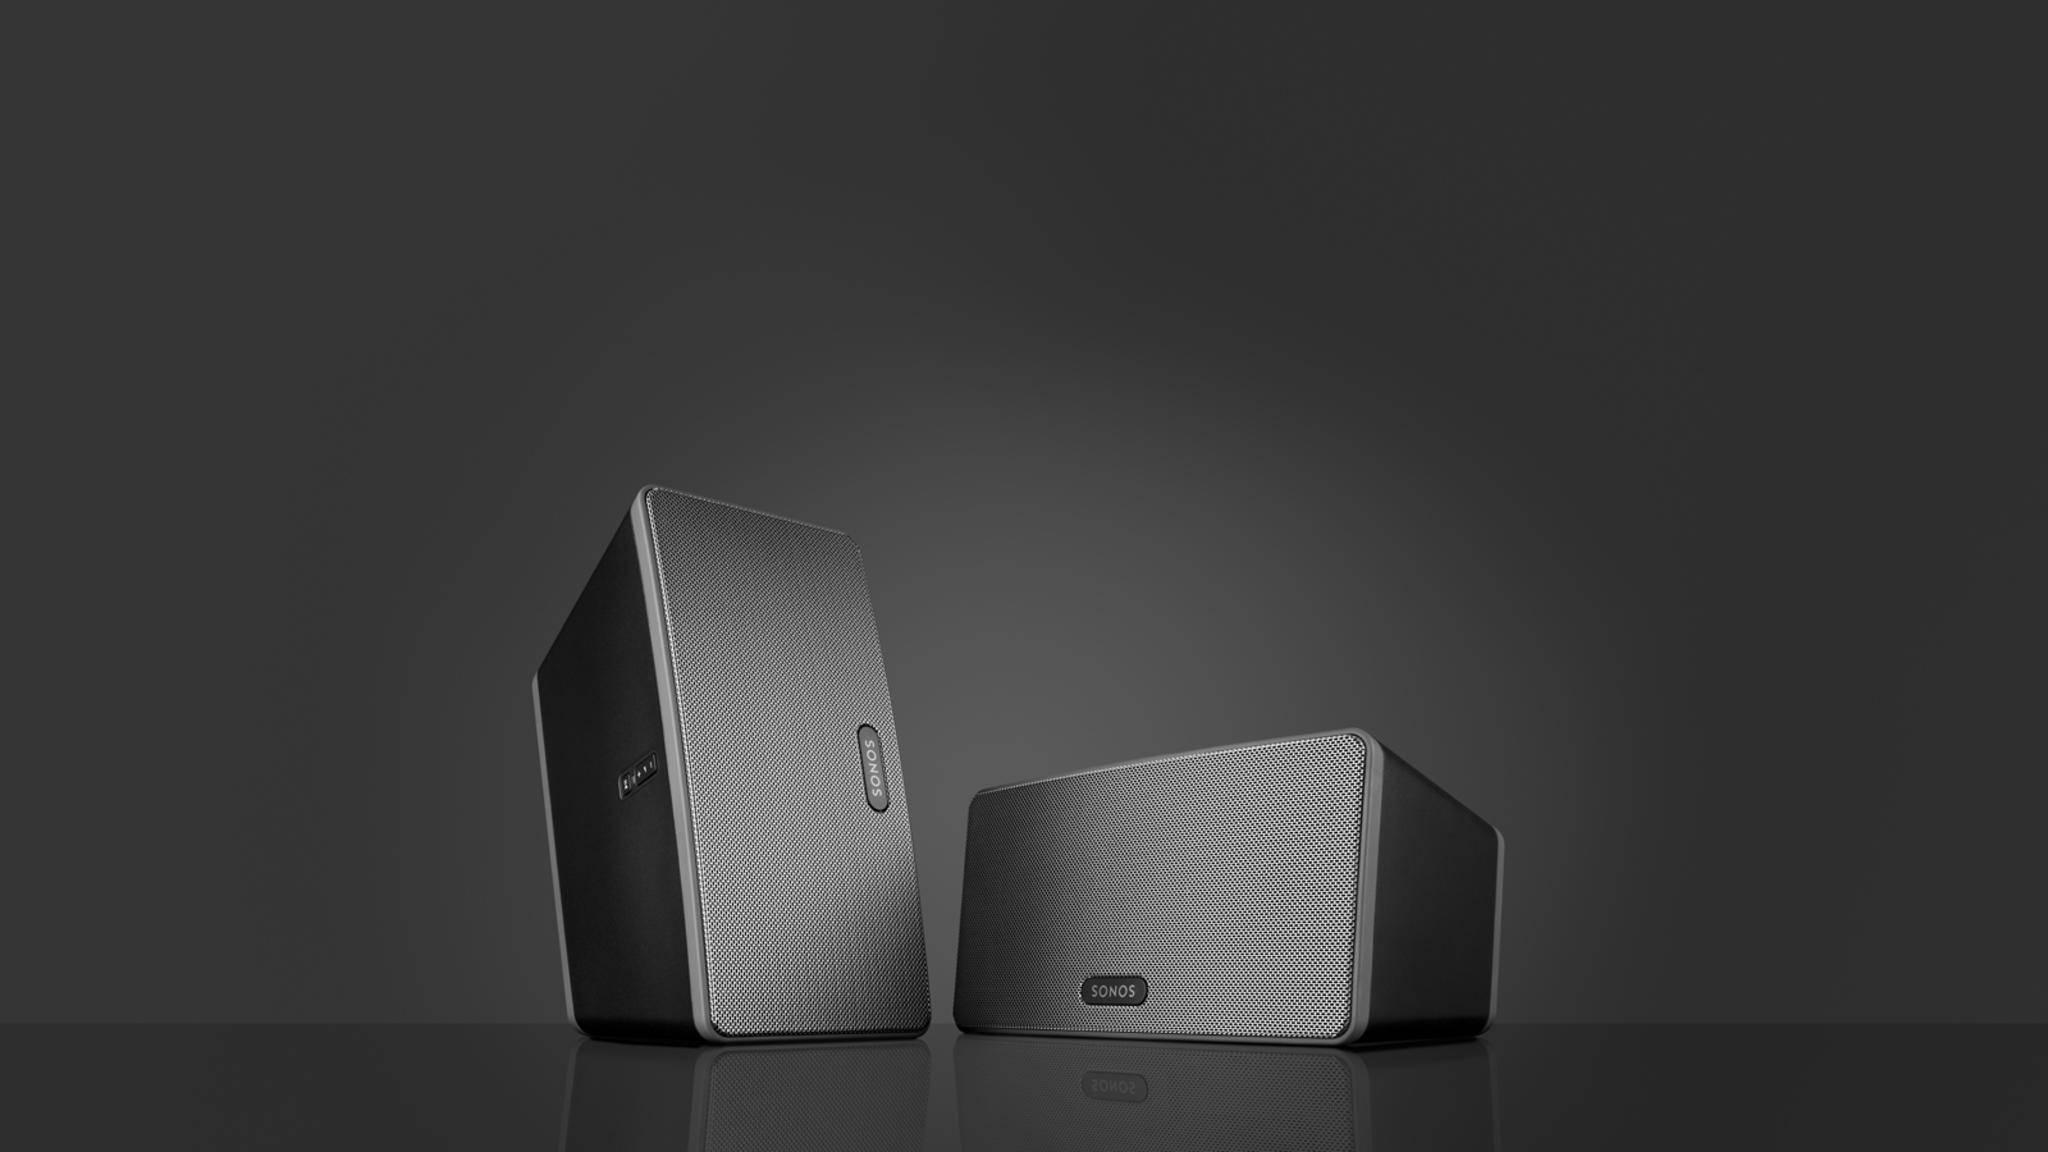 """Sonos erinnert mit seiner neuen TV-Kampagne an Apples kultigen """"1984""""-Clip."""